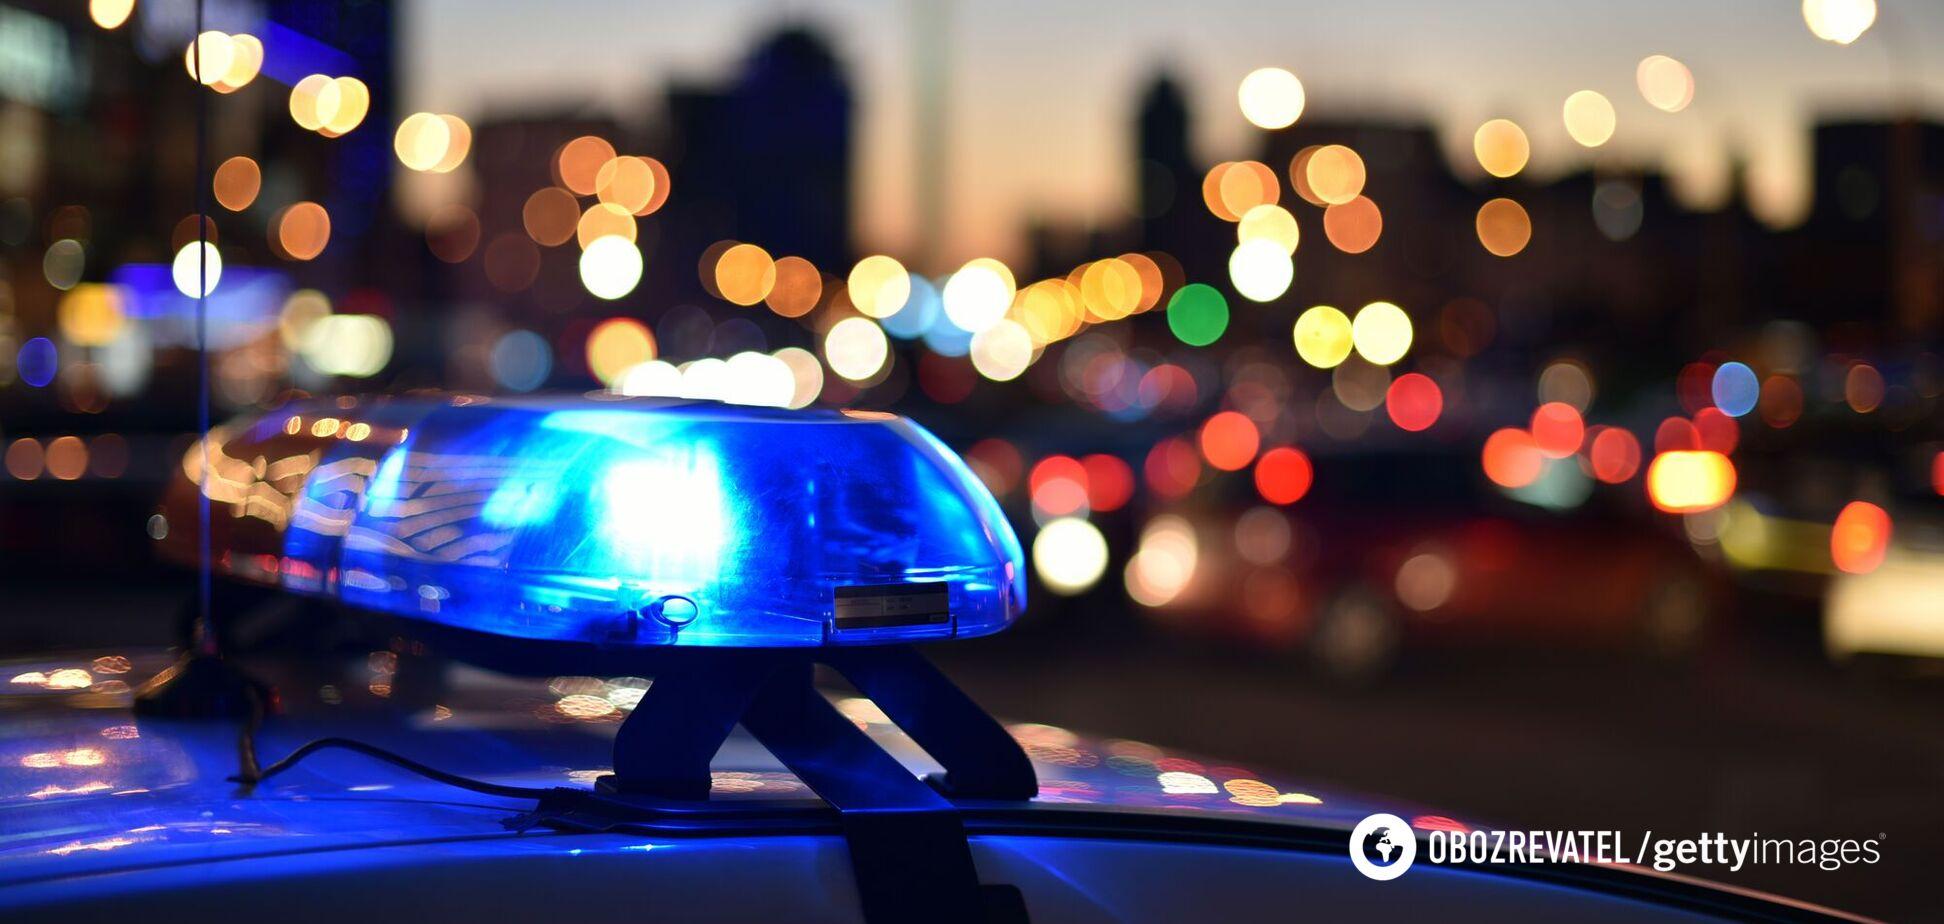 Детали происшествия установит полиция